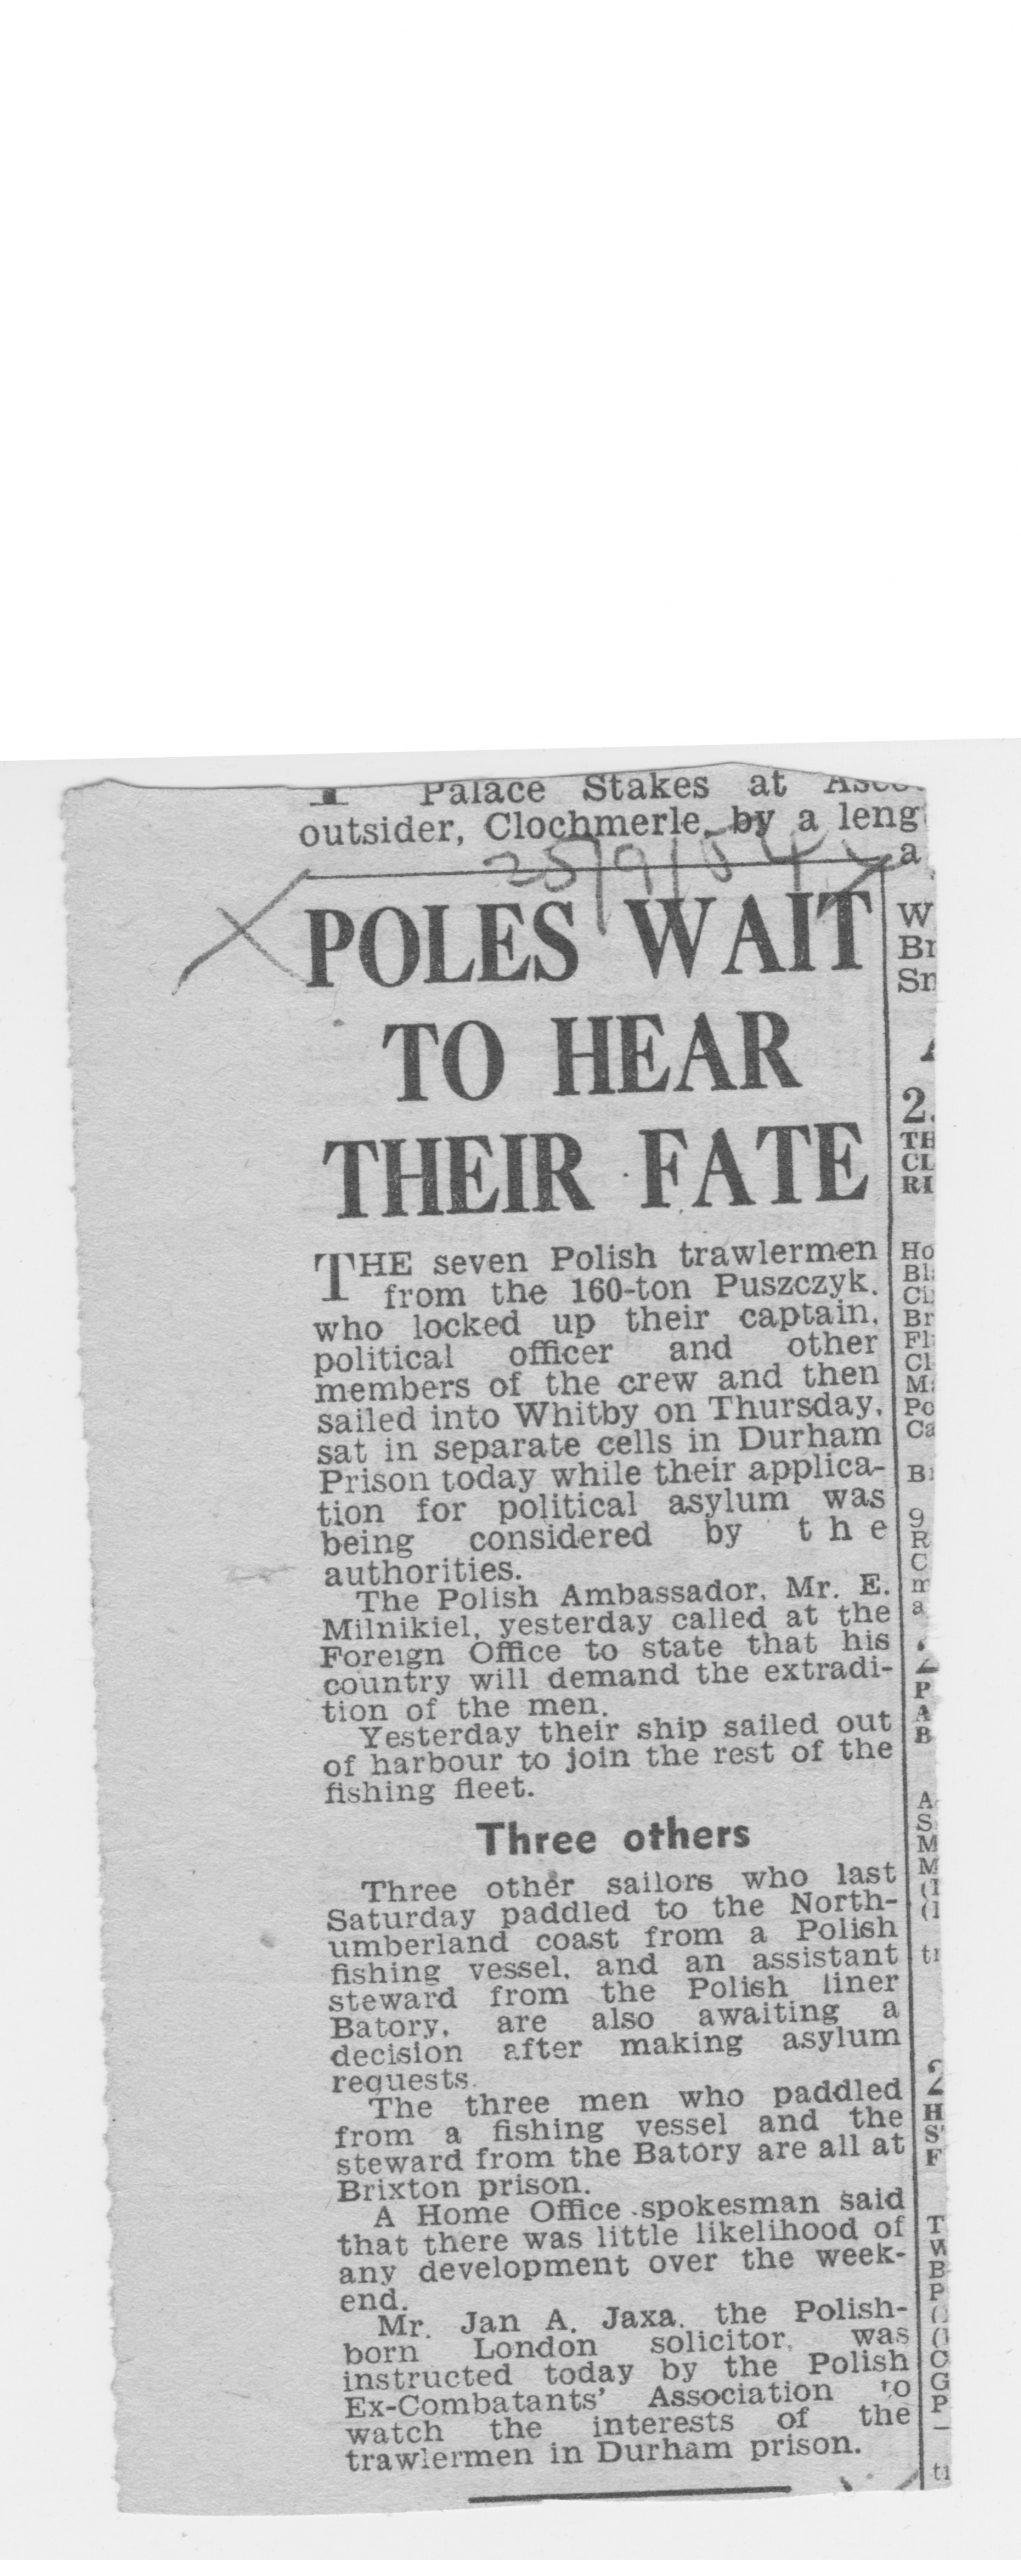 Polish crew awaits to hear their fate